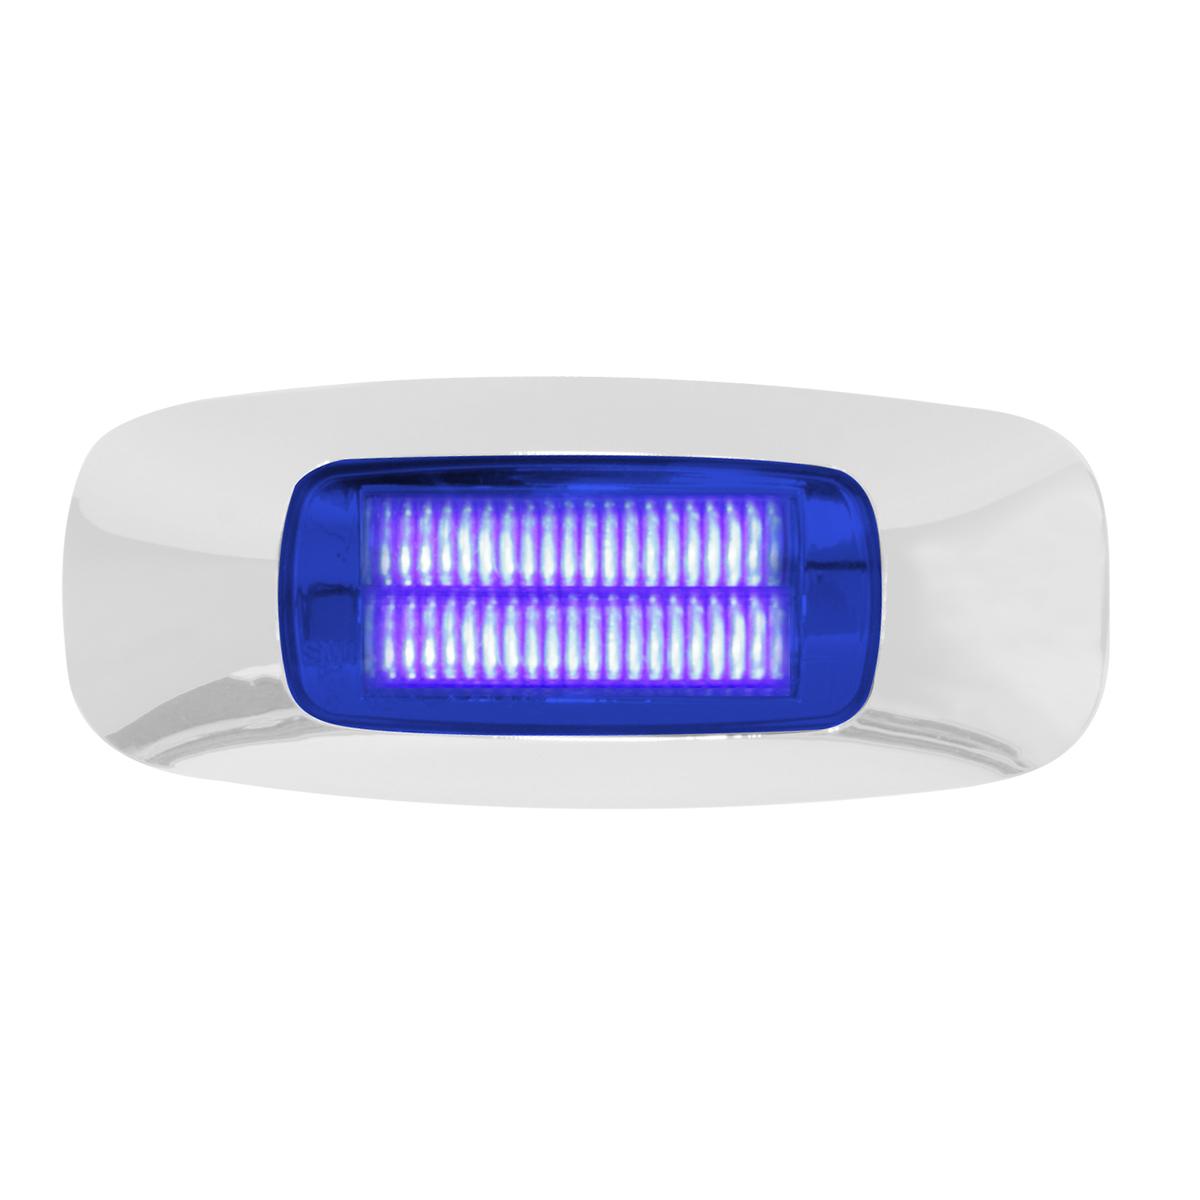 """74825 3.5"""" Rectangular Prime LED Marker Light in Blue/Blue"""